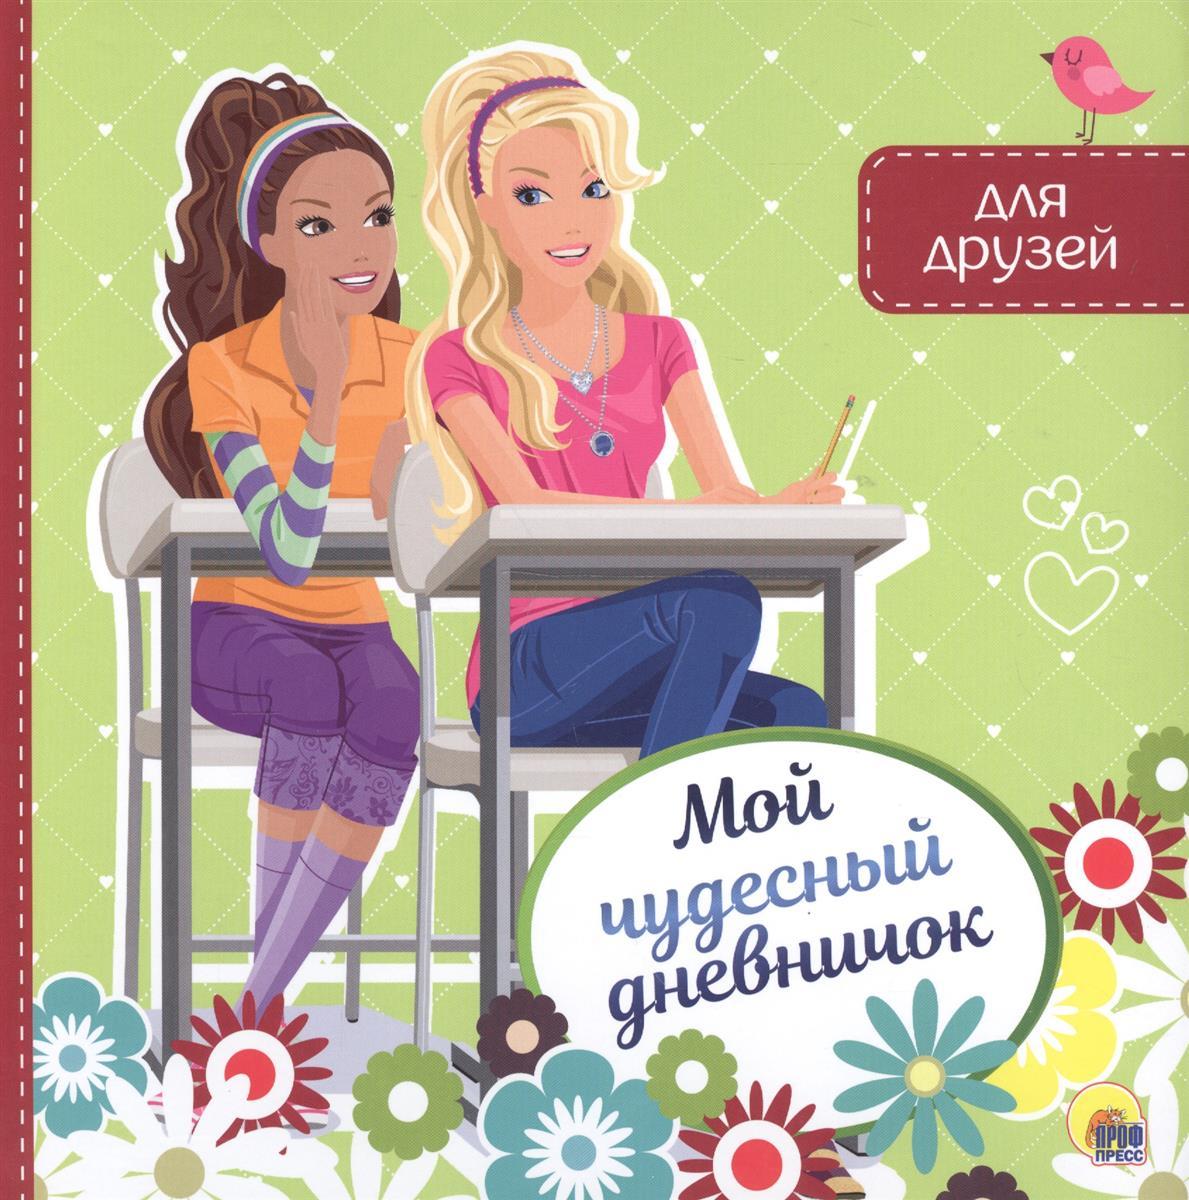 Дюжикова А. (ред.) Мой чудесный дневничок для друзей ISBN: 9785378269792 мой дневничок для друзей